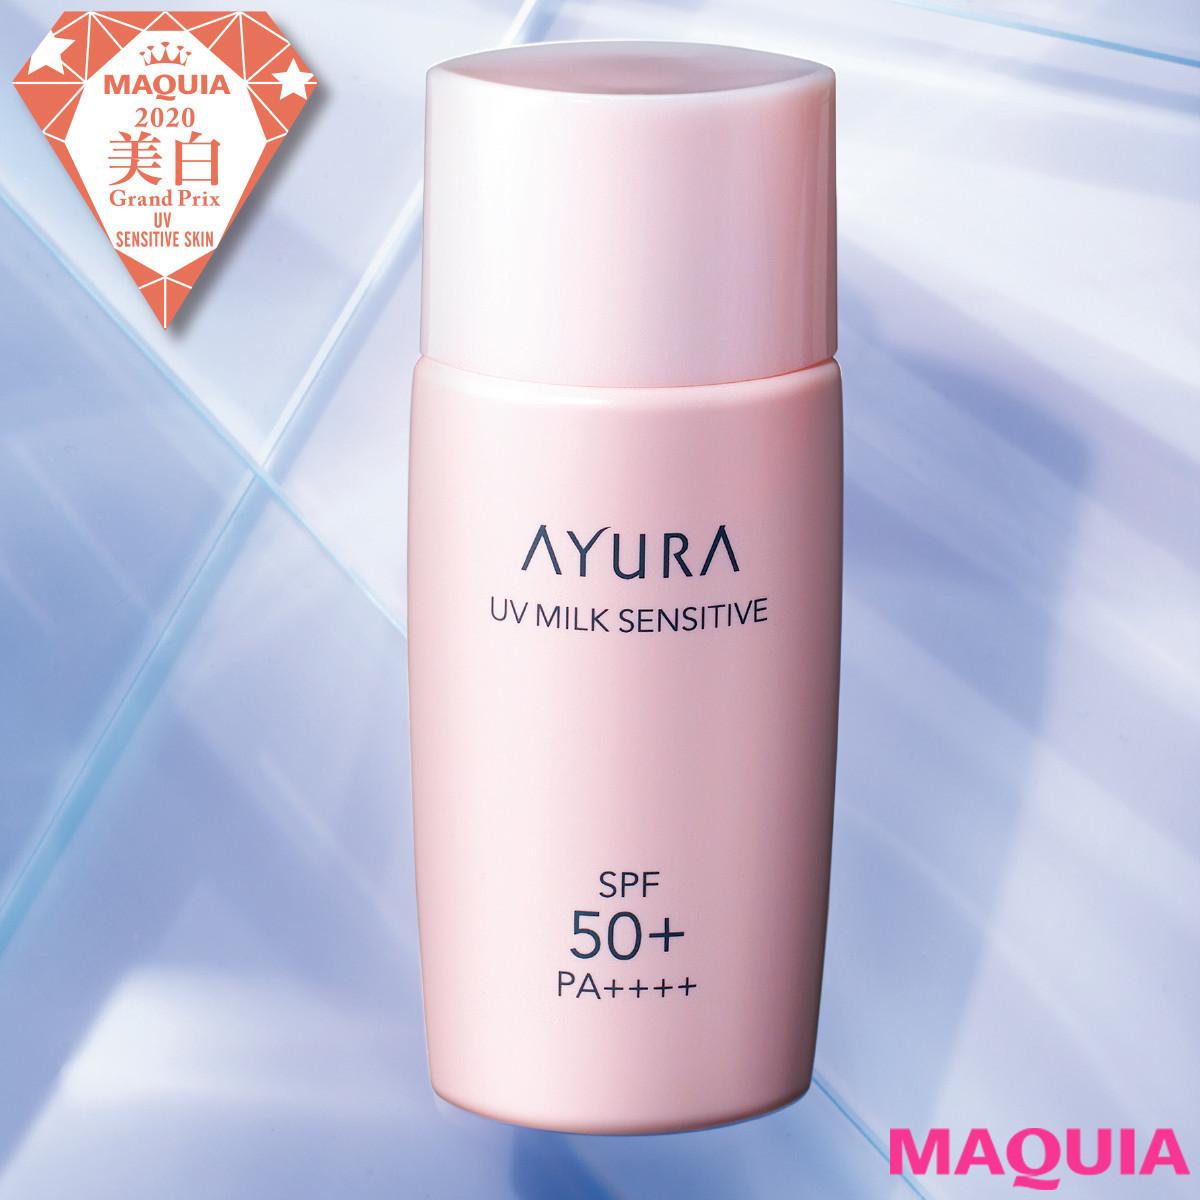 【2020年おすすめの日焼け止め】UV敏感肌部門1位:アユーラ UVミルク センシティブ_